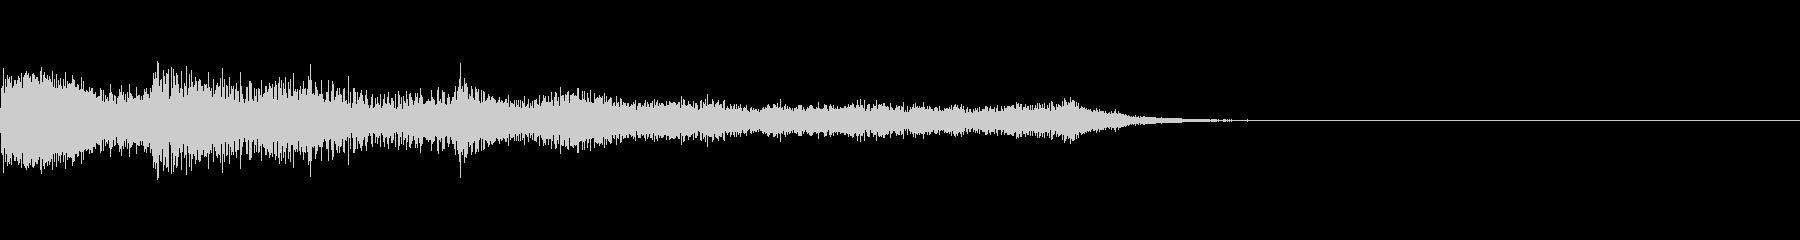 綺麗なコード感があるジングル曲の未再生の波形